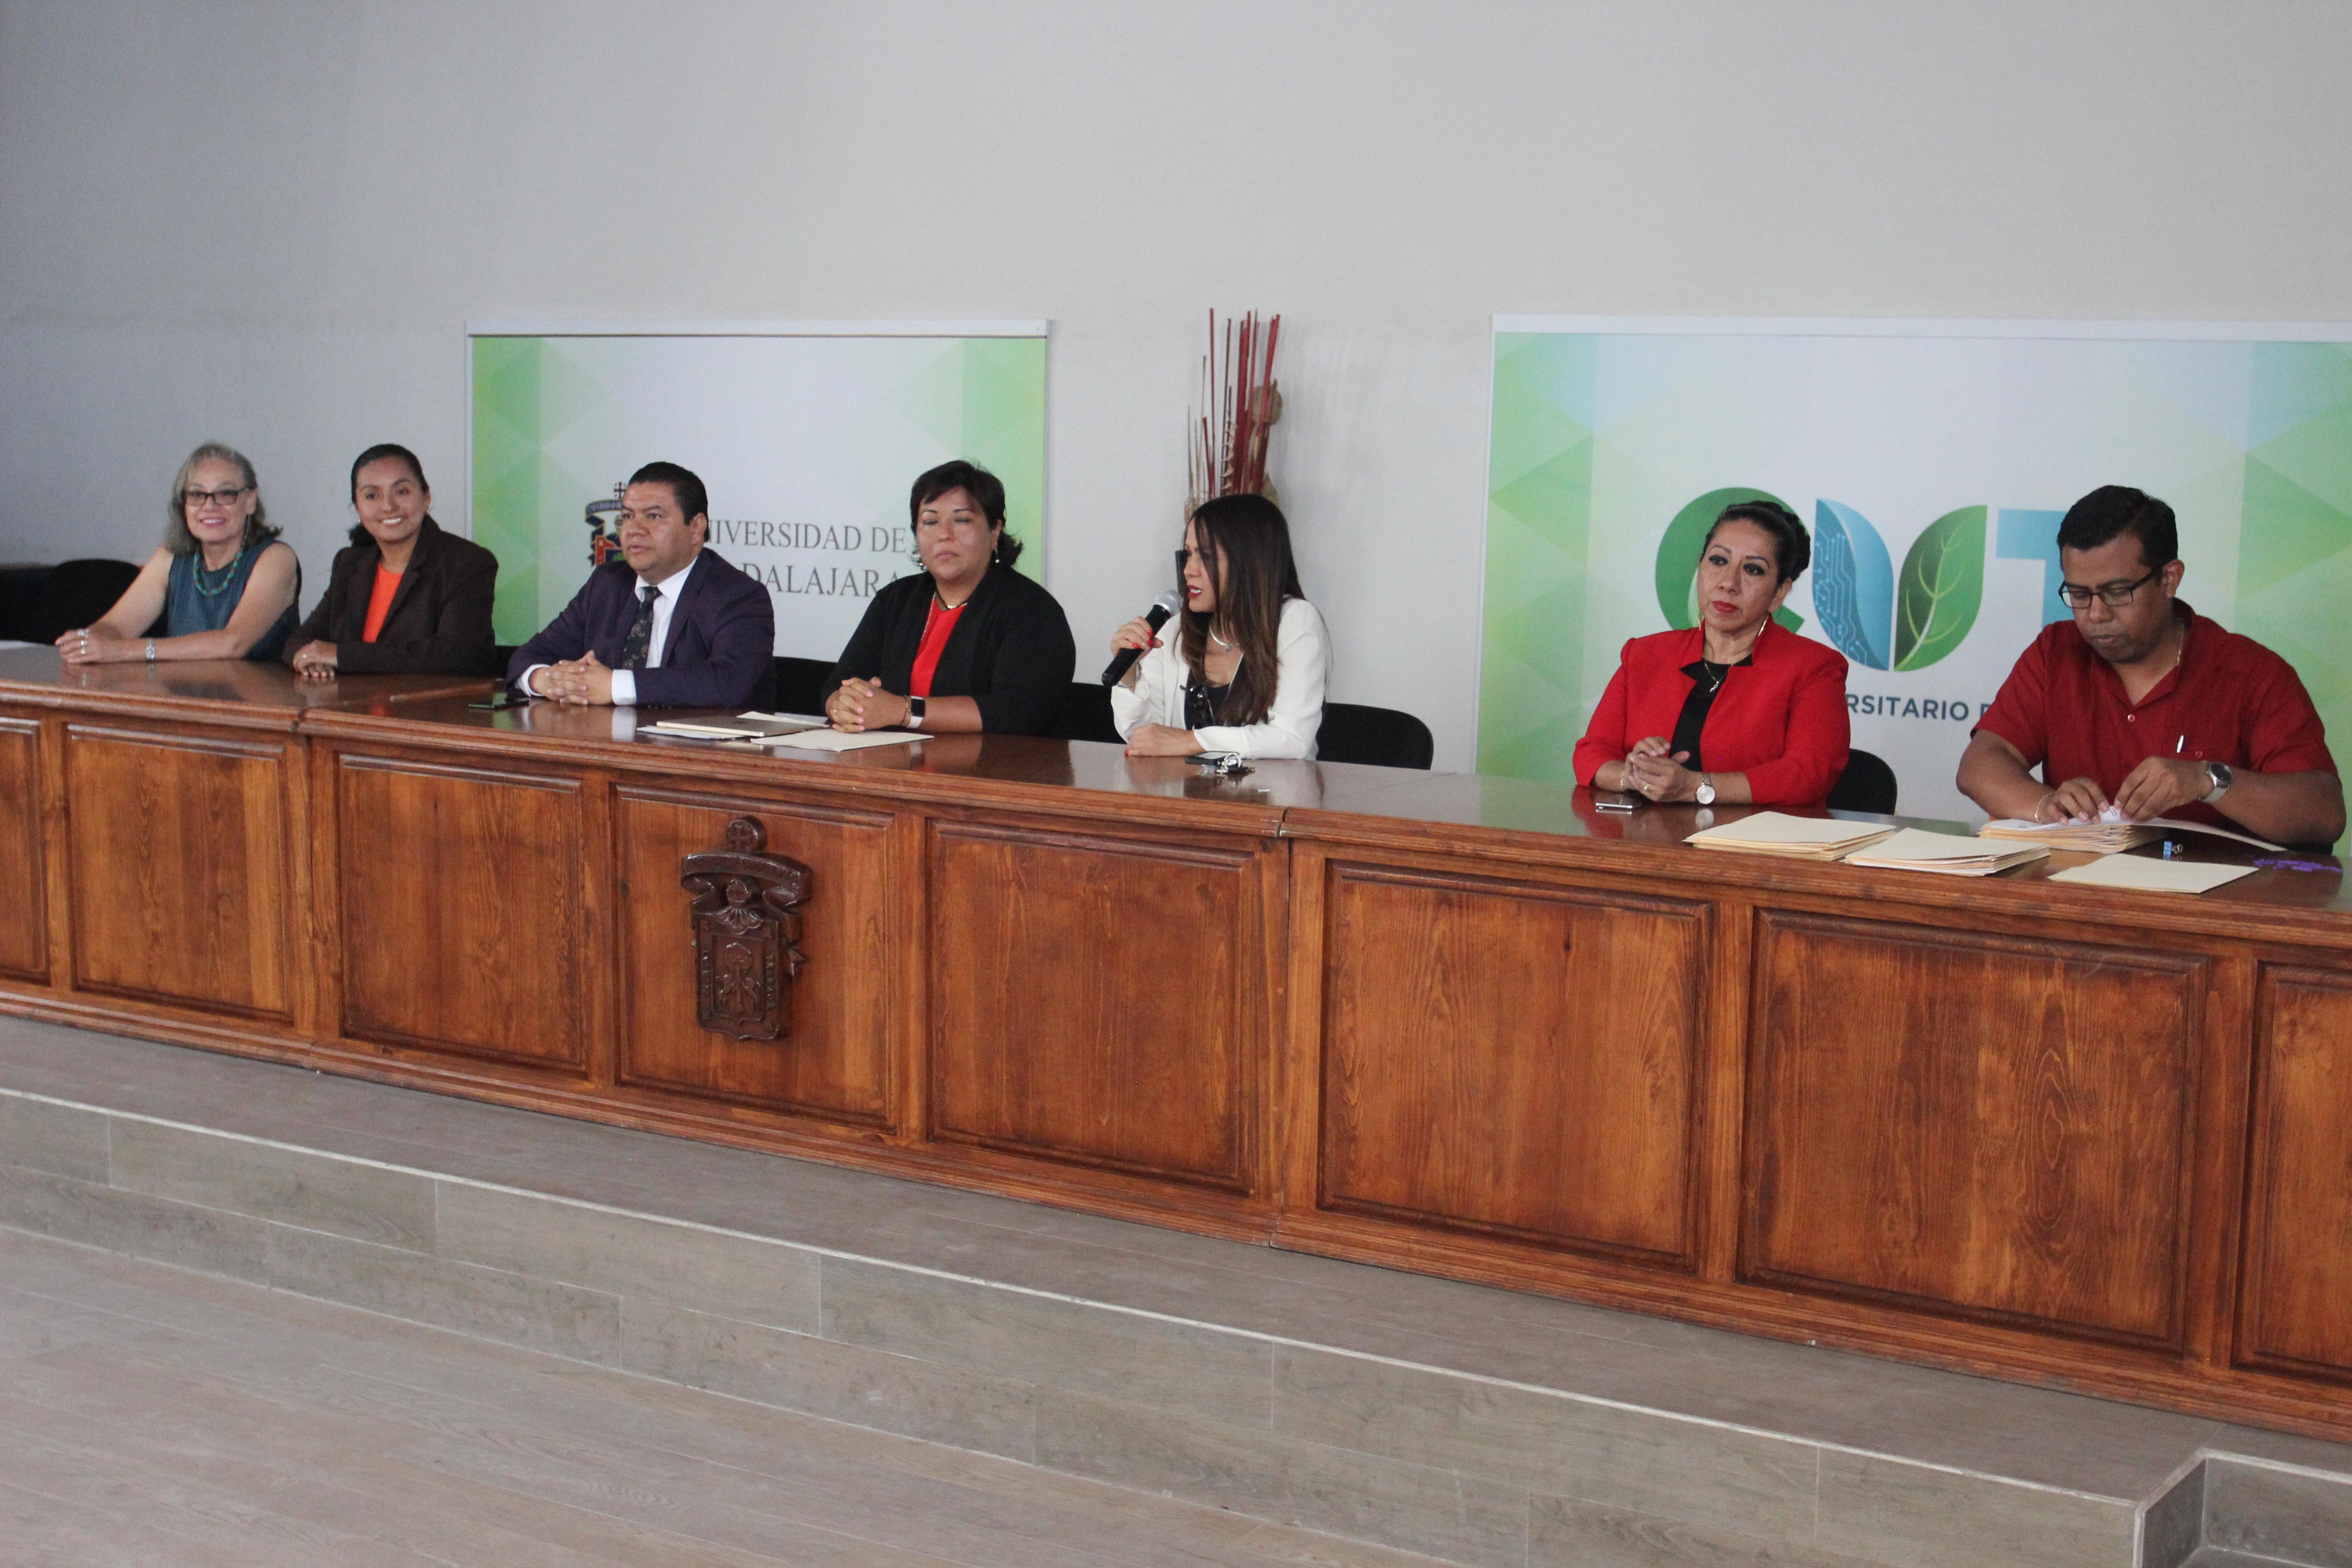 FINALIZAN ACTIVIDADES DEL 1ER CONGRESO INTERNACIONAL DE INVESTIGACIÓN EN SALUD Y DESARROLLO HUMANO SUSTENTABLE